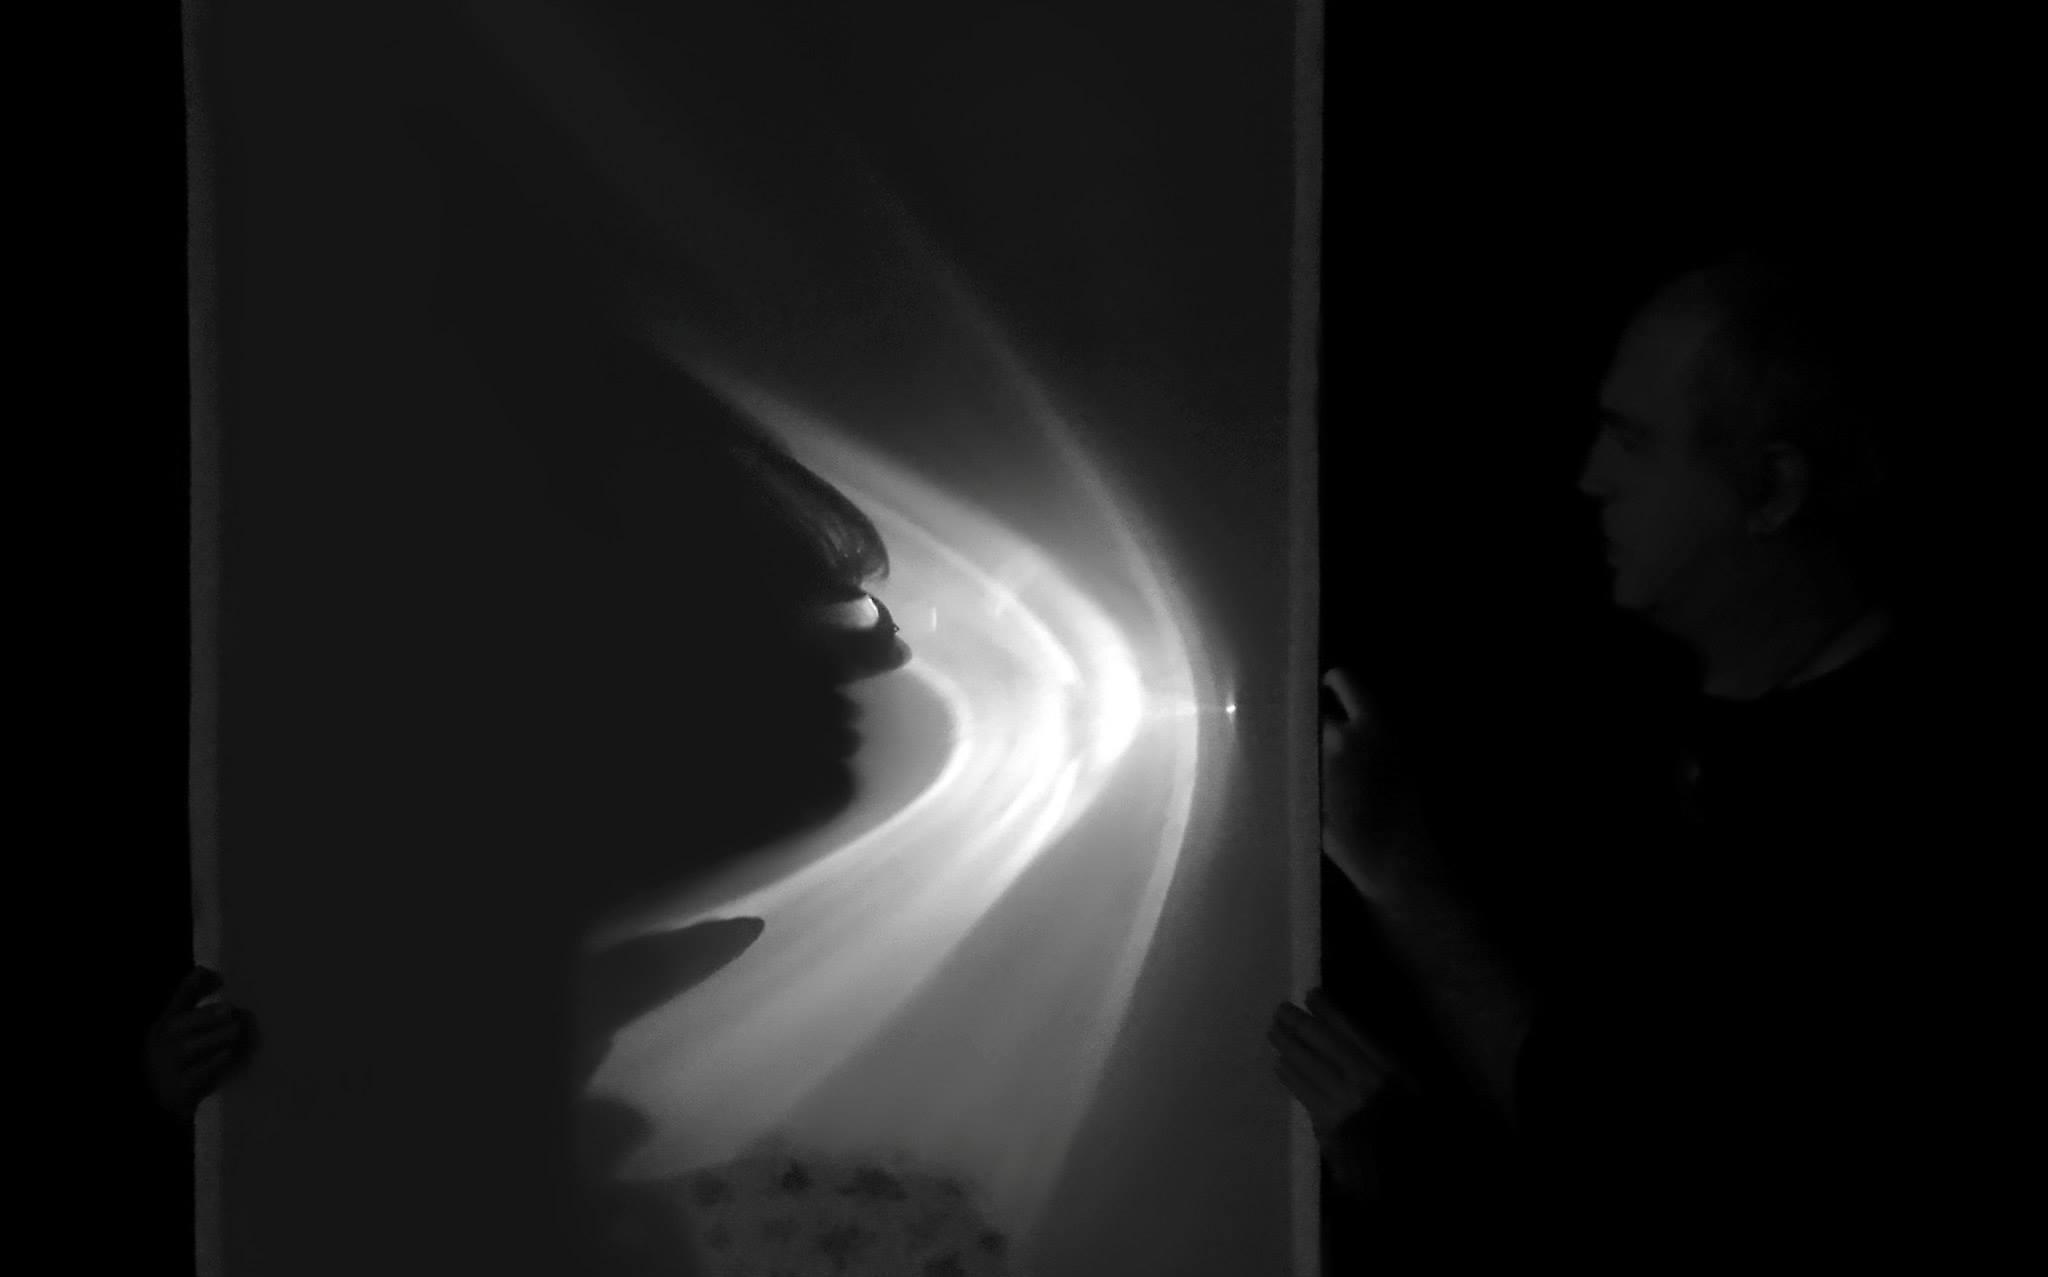 Eifert portrézik, éppen Gergely Beatrixet világítja meg egy zseblámpával (Bizsu Photo)